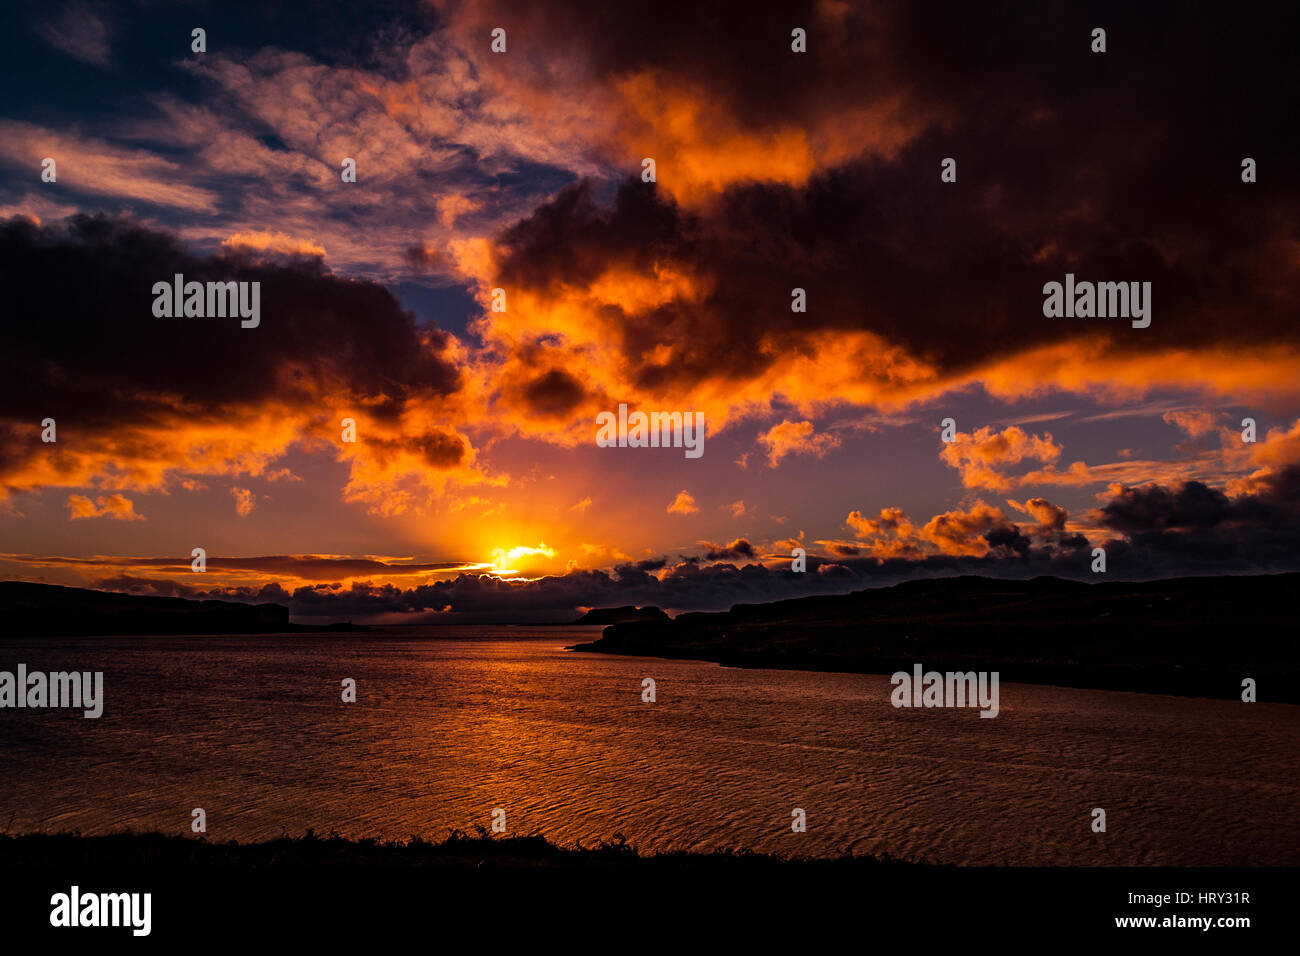 Tramonto con luce crepuscolare sul Loch Beag, Isola di Skye, guardando fuori al punto Ullinish, Bracdale punto punto Ardtreck e Isola Oronsay Foto Stock